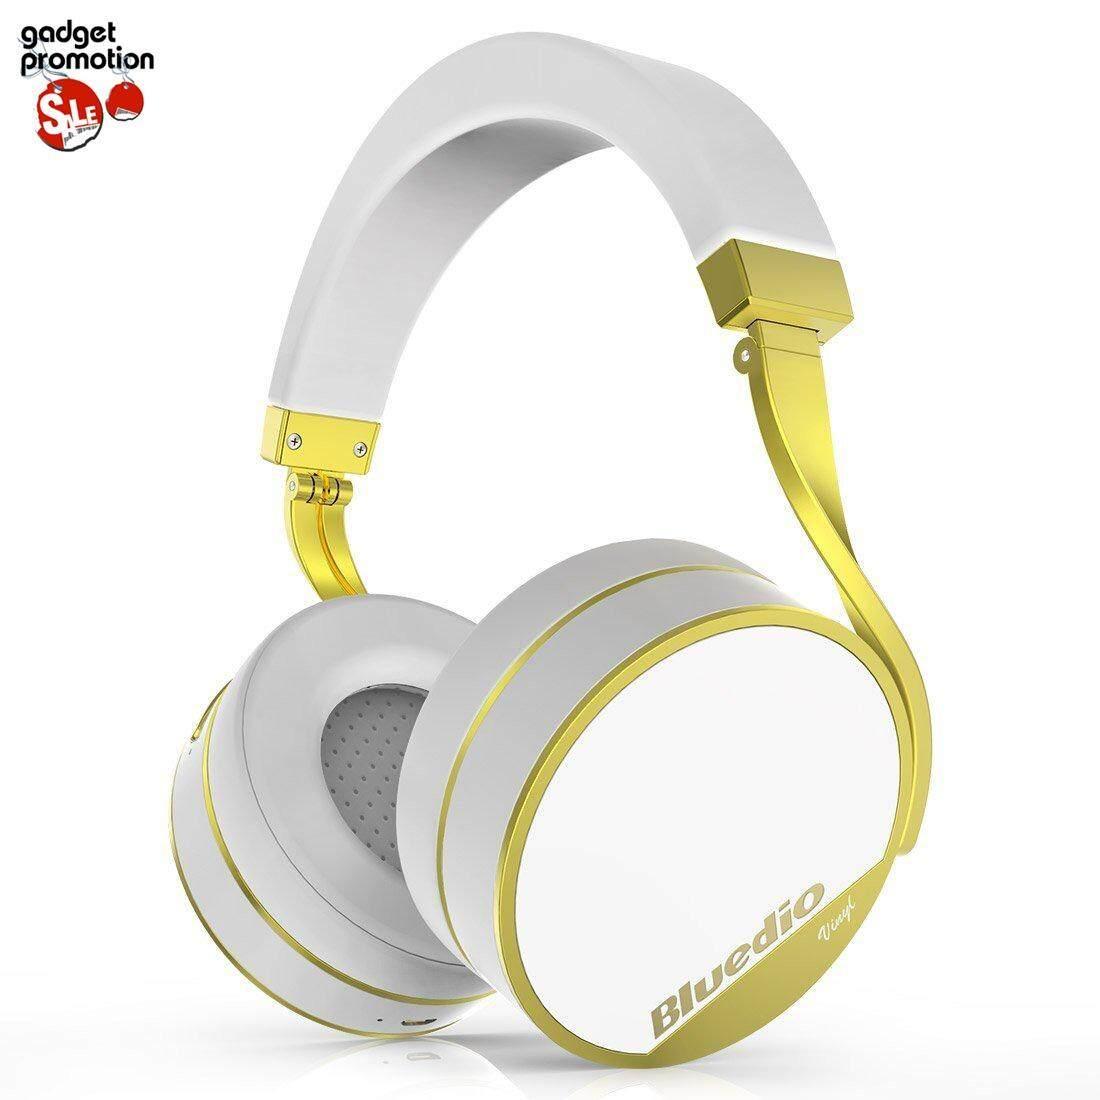 ราคา Bluedio Vinyl Plus หูฟังบลูธูทครอบหูเเบบพับได้พร้อม 3D Surround ใน ไทย